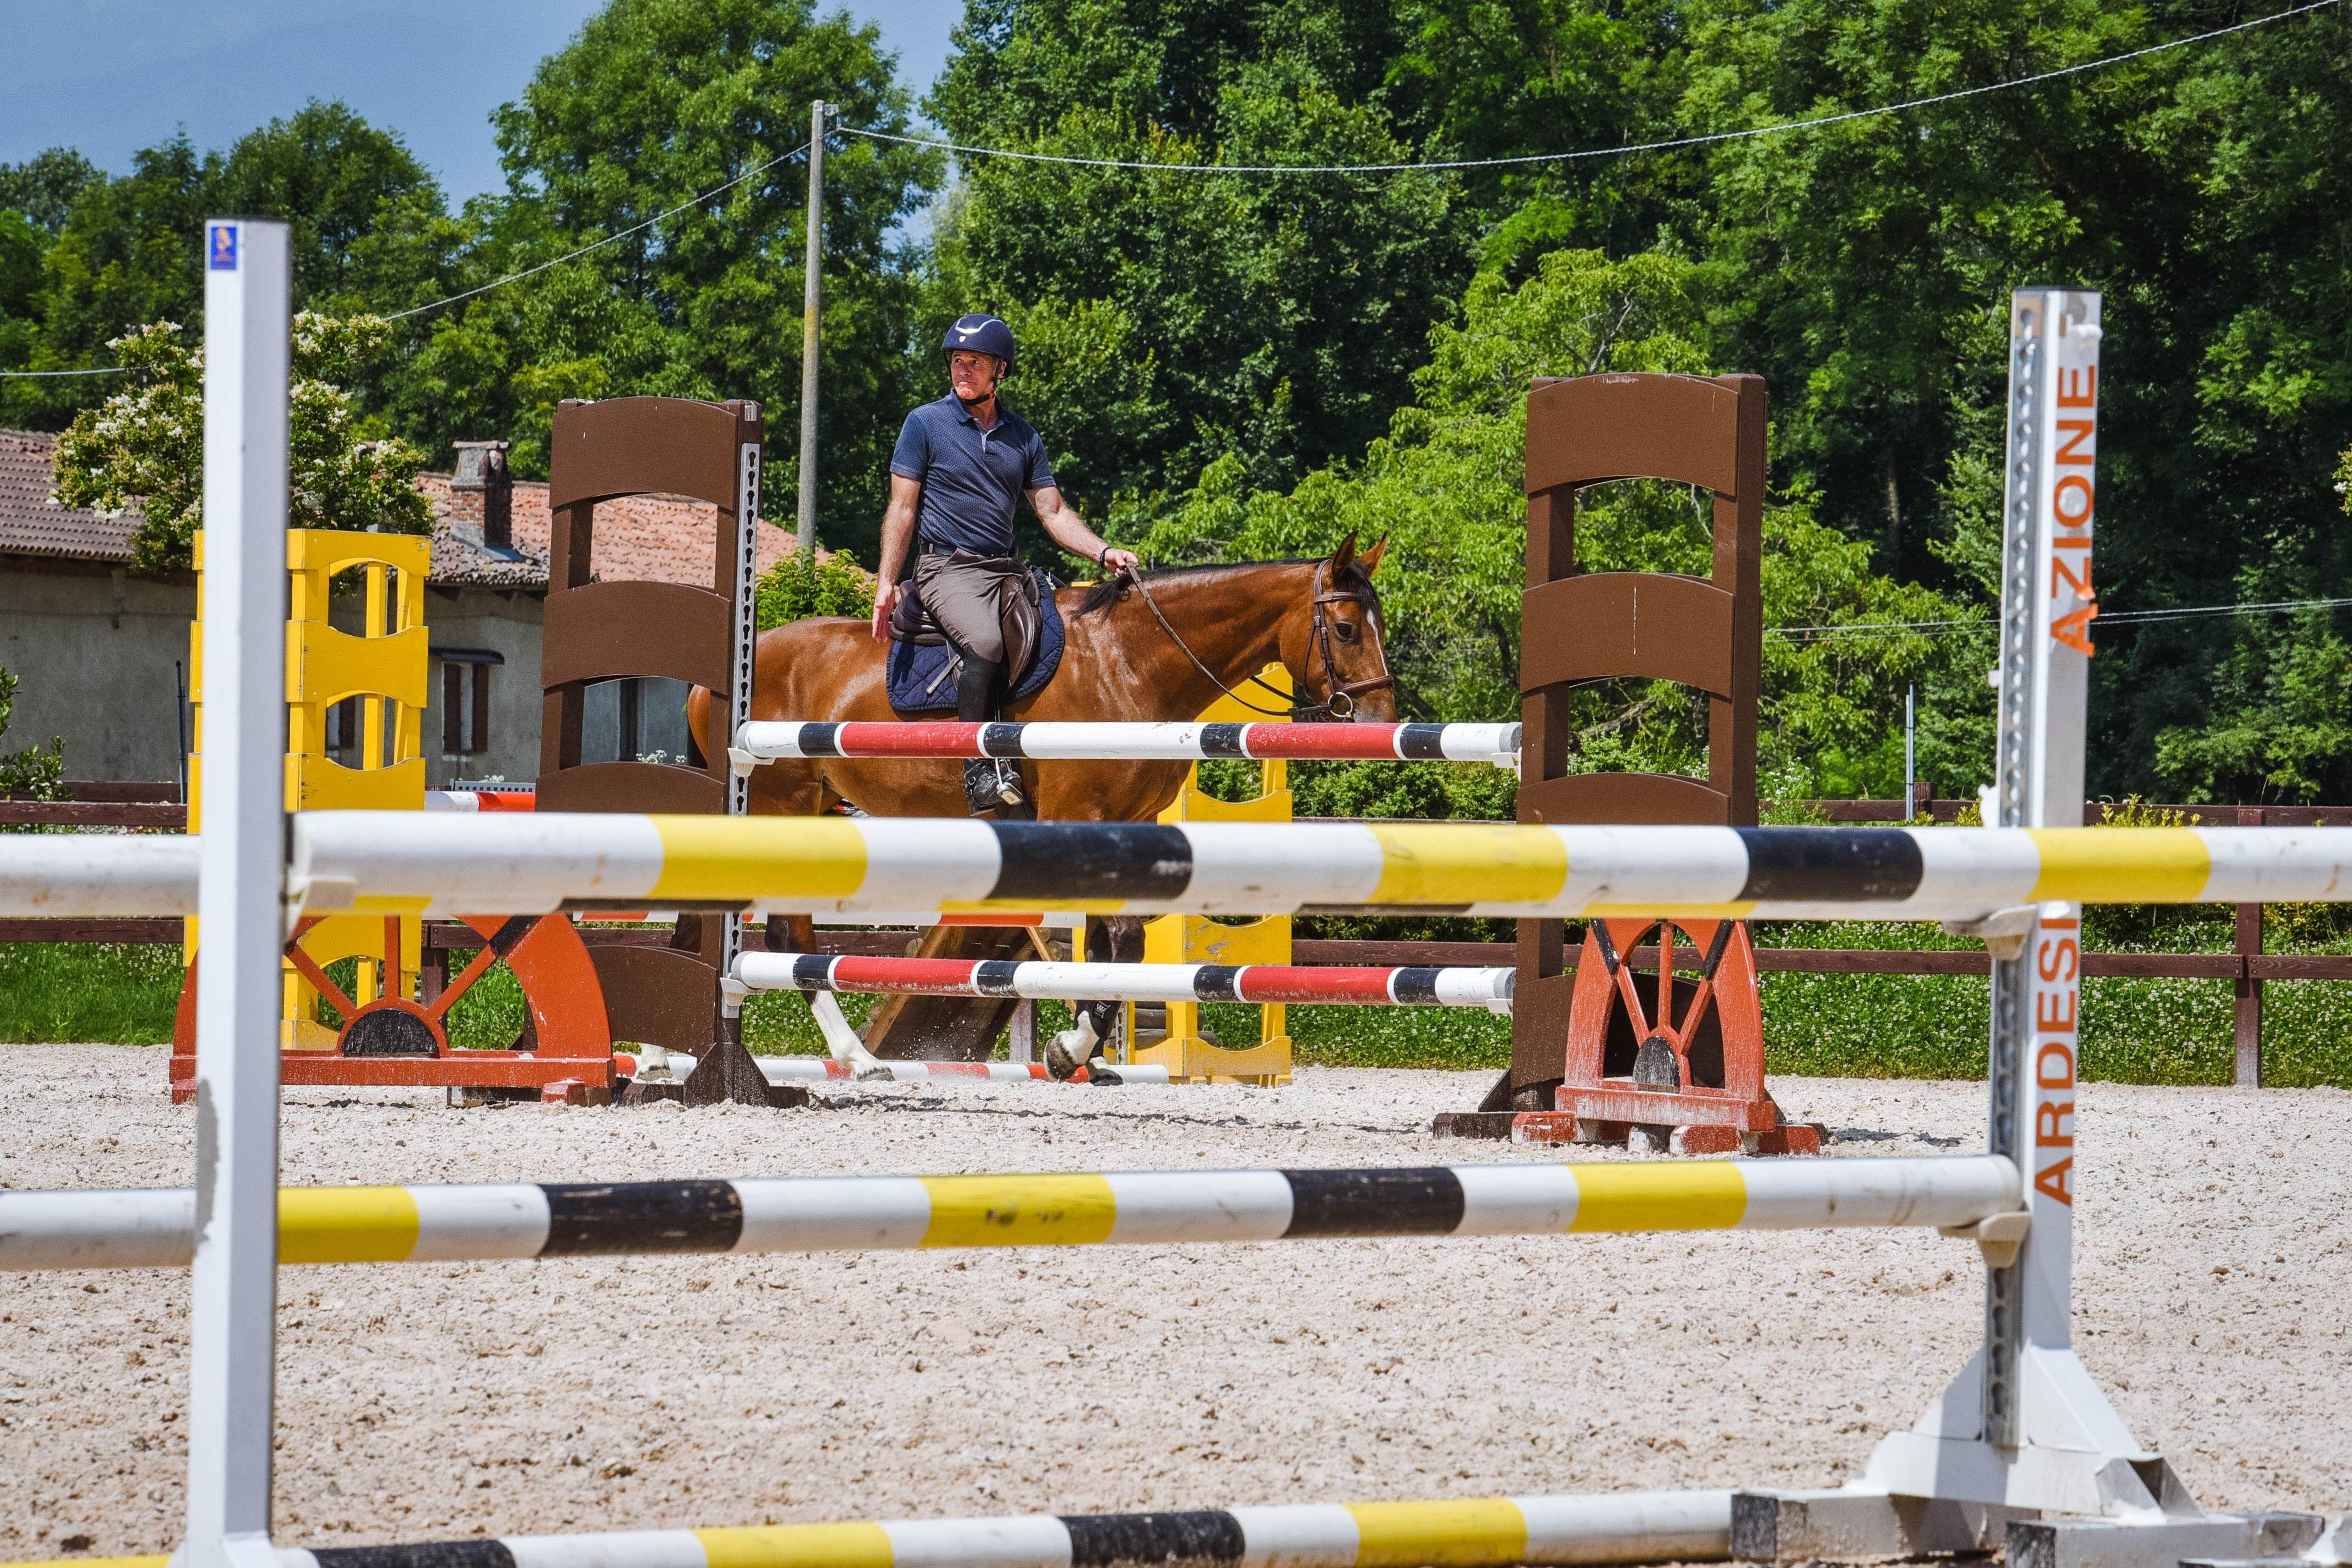 BAIRO - A giugno grandi appuntamenti sportivi al Centro Equestre Arione